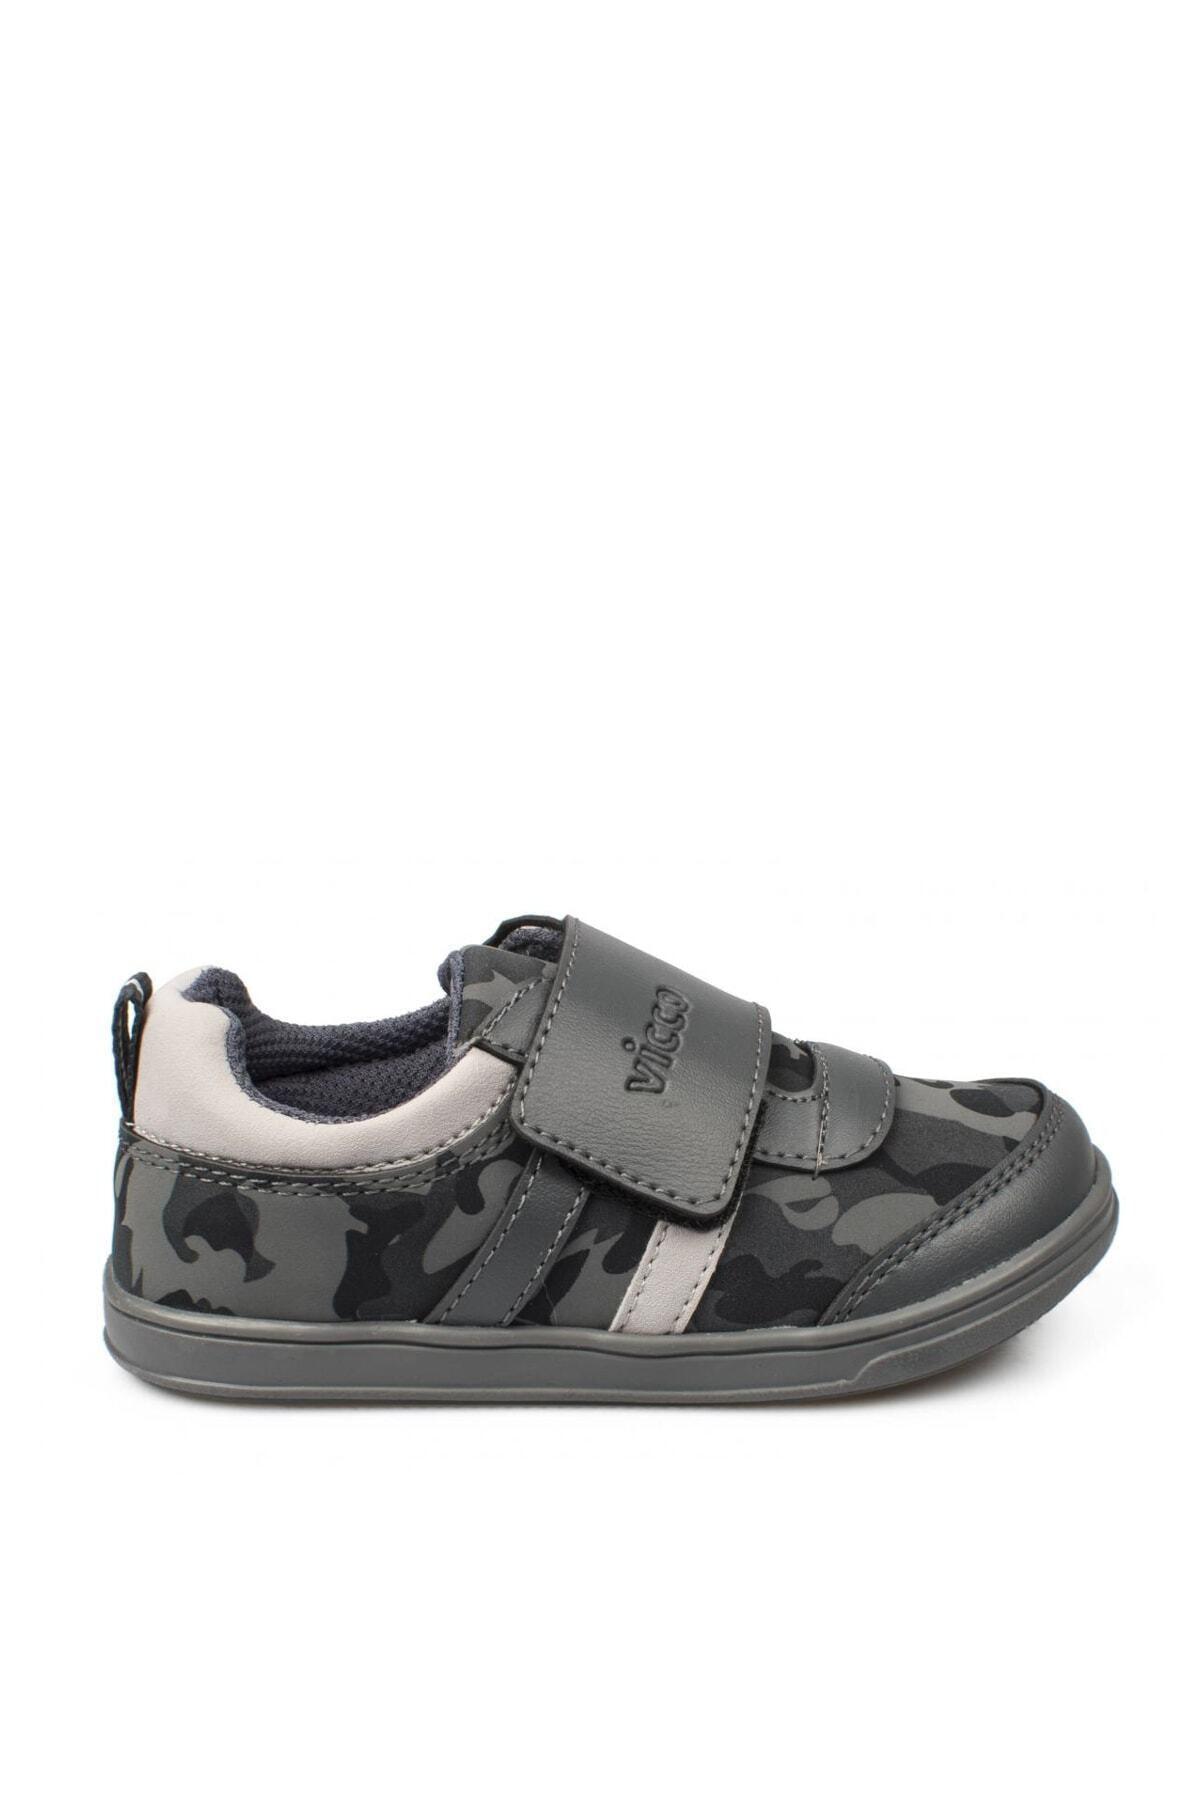 Vicco Füme Erkek Bebek Yürüyüş Ayakkabısı 211 950.e19k223 2